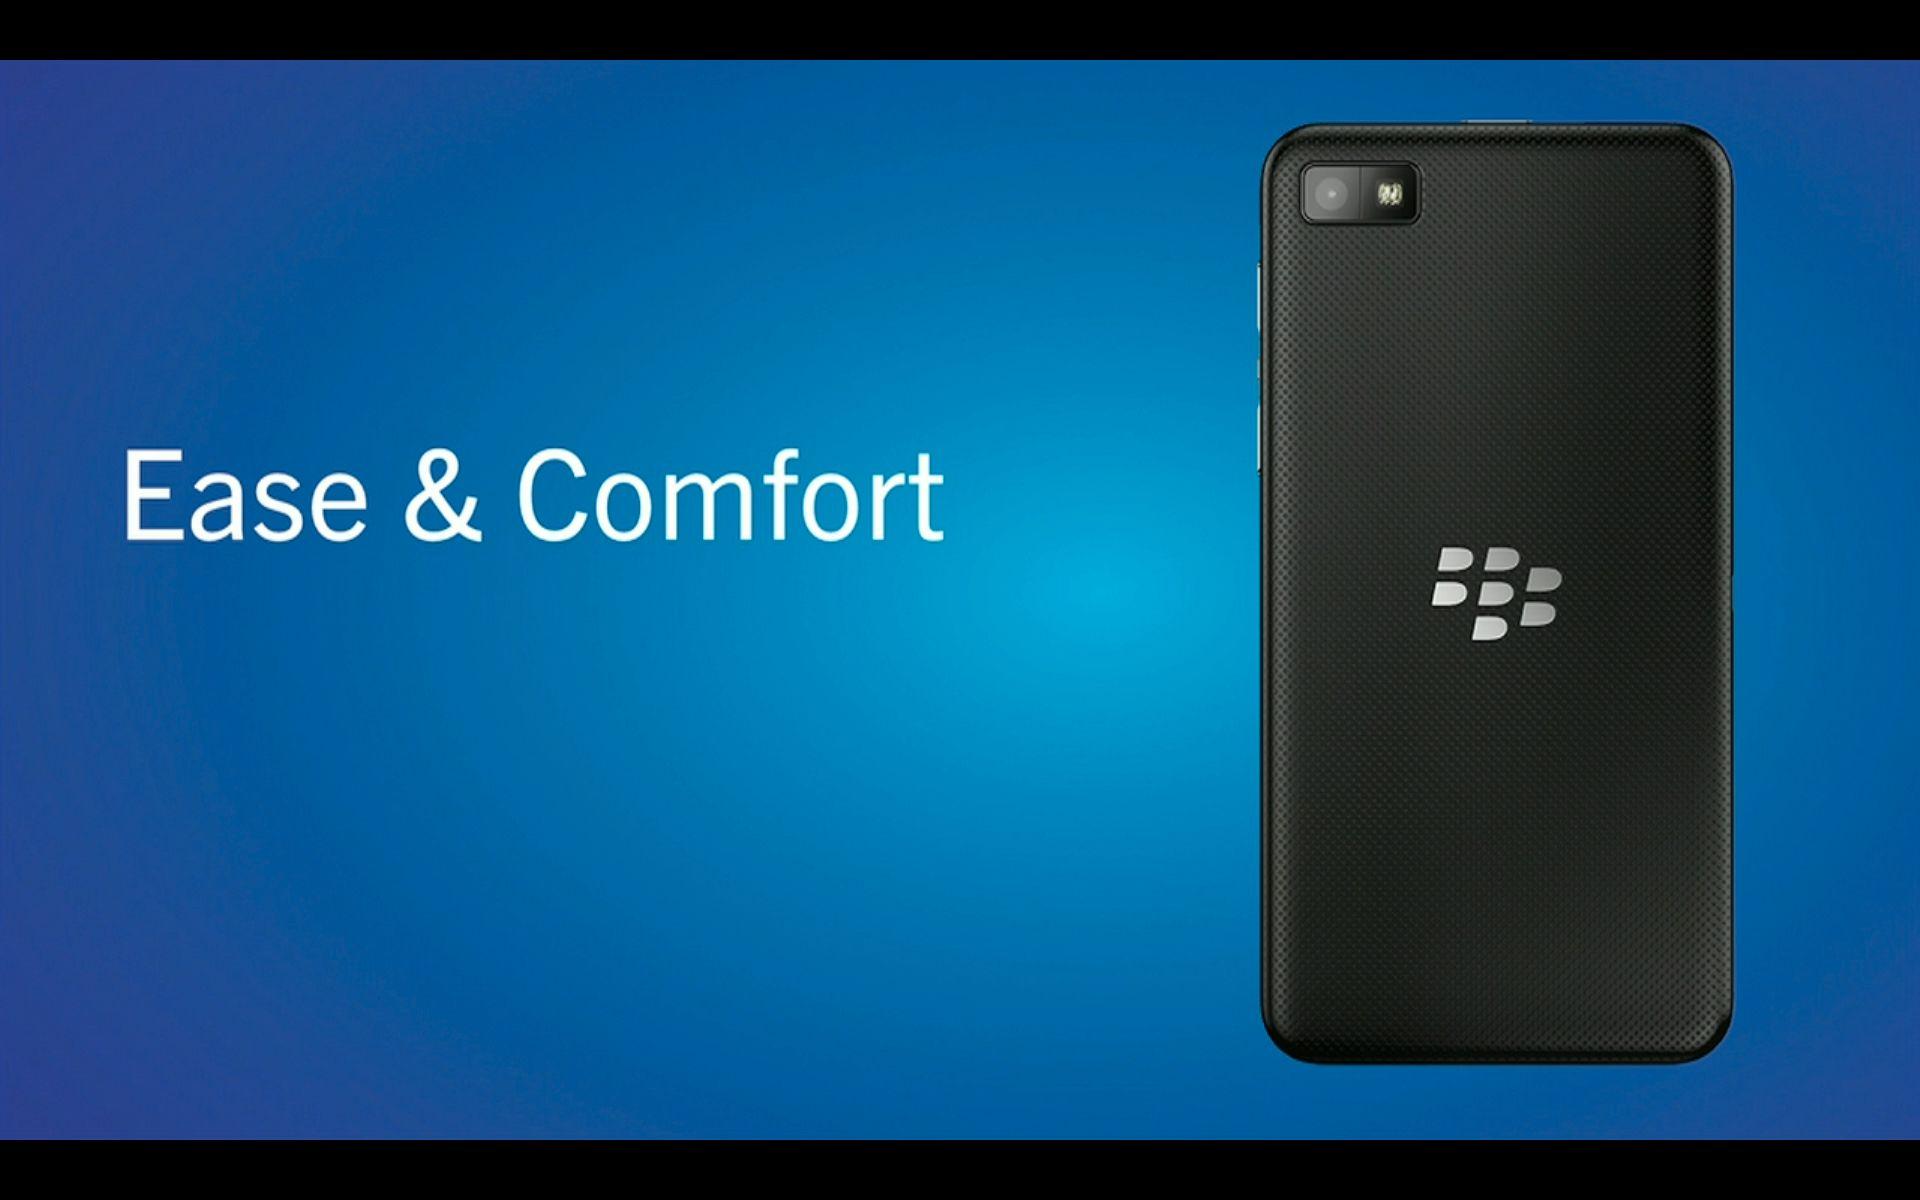 Baksiden av den sorte BlackBerry Z10-modellen.